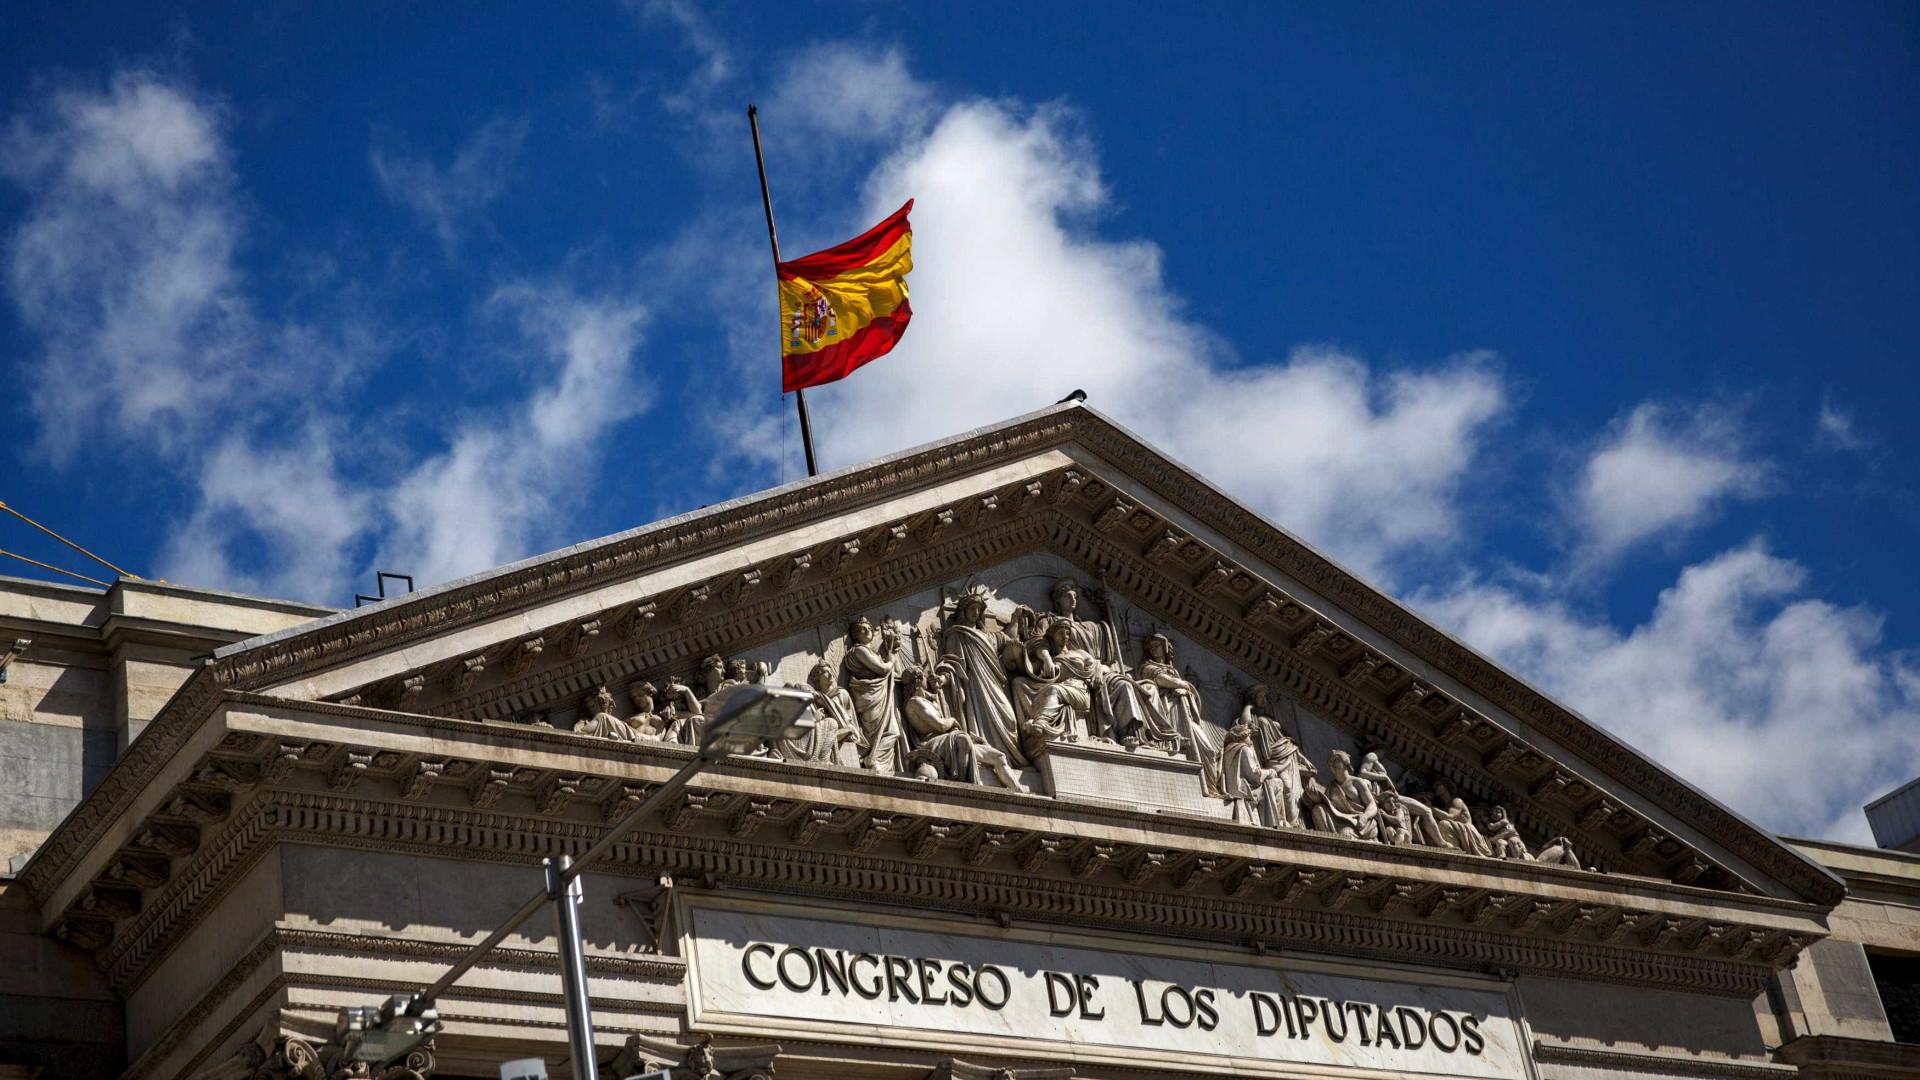 Socialistas em sintonia com Governo sobre ministros catalães detidos